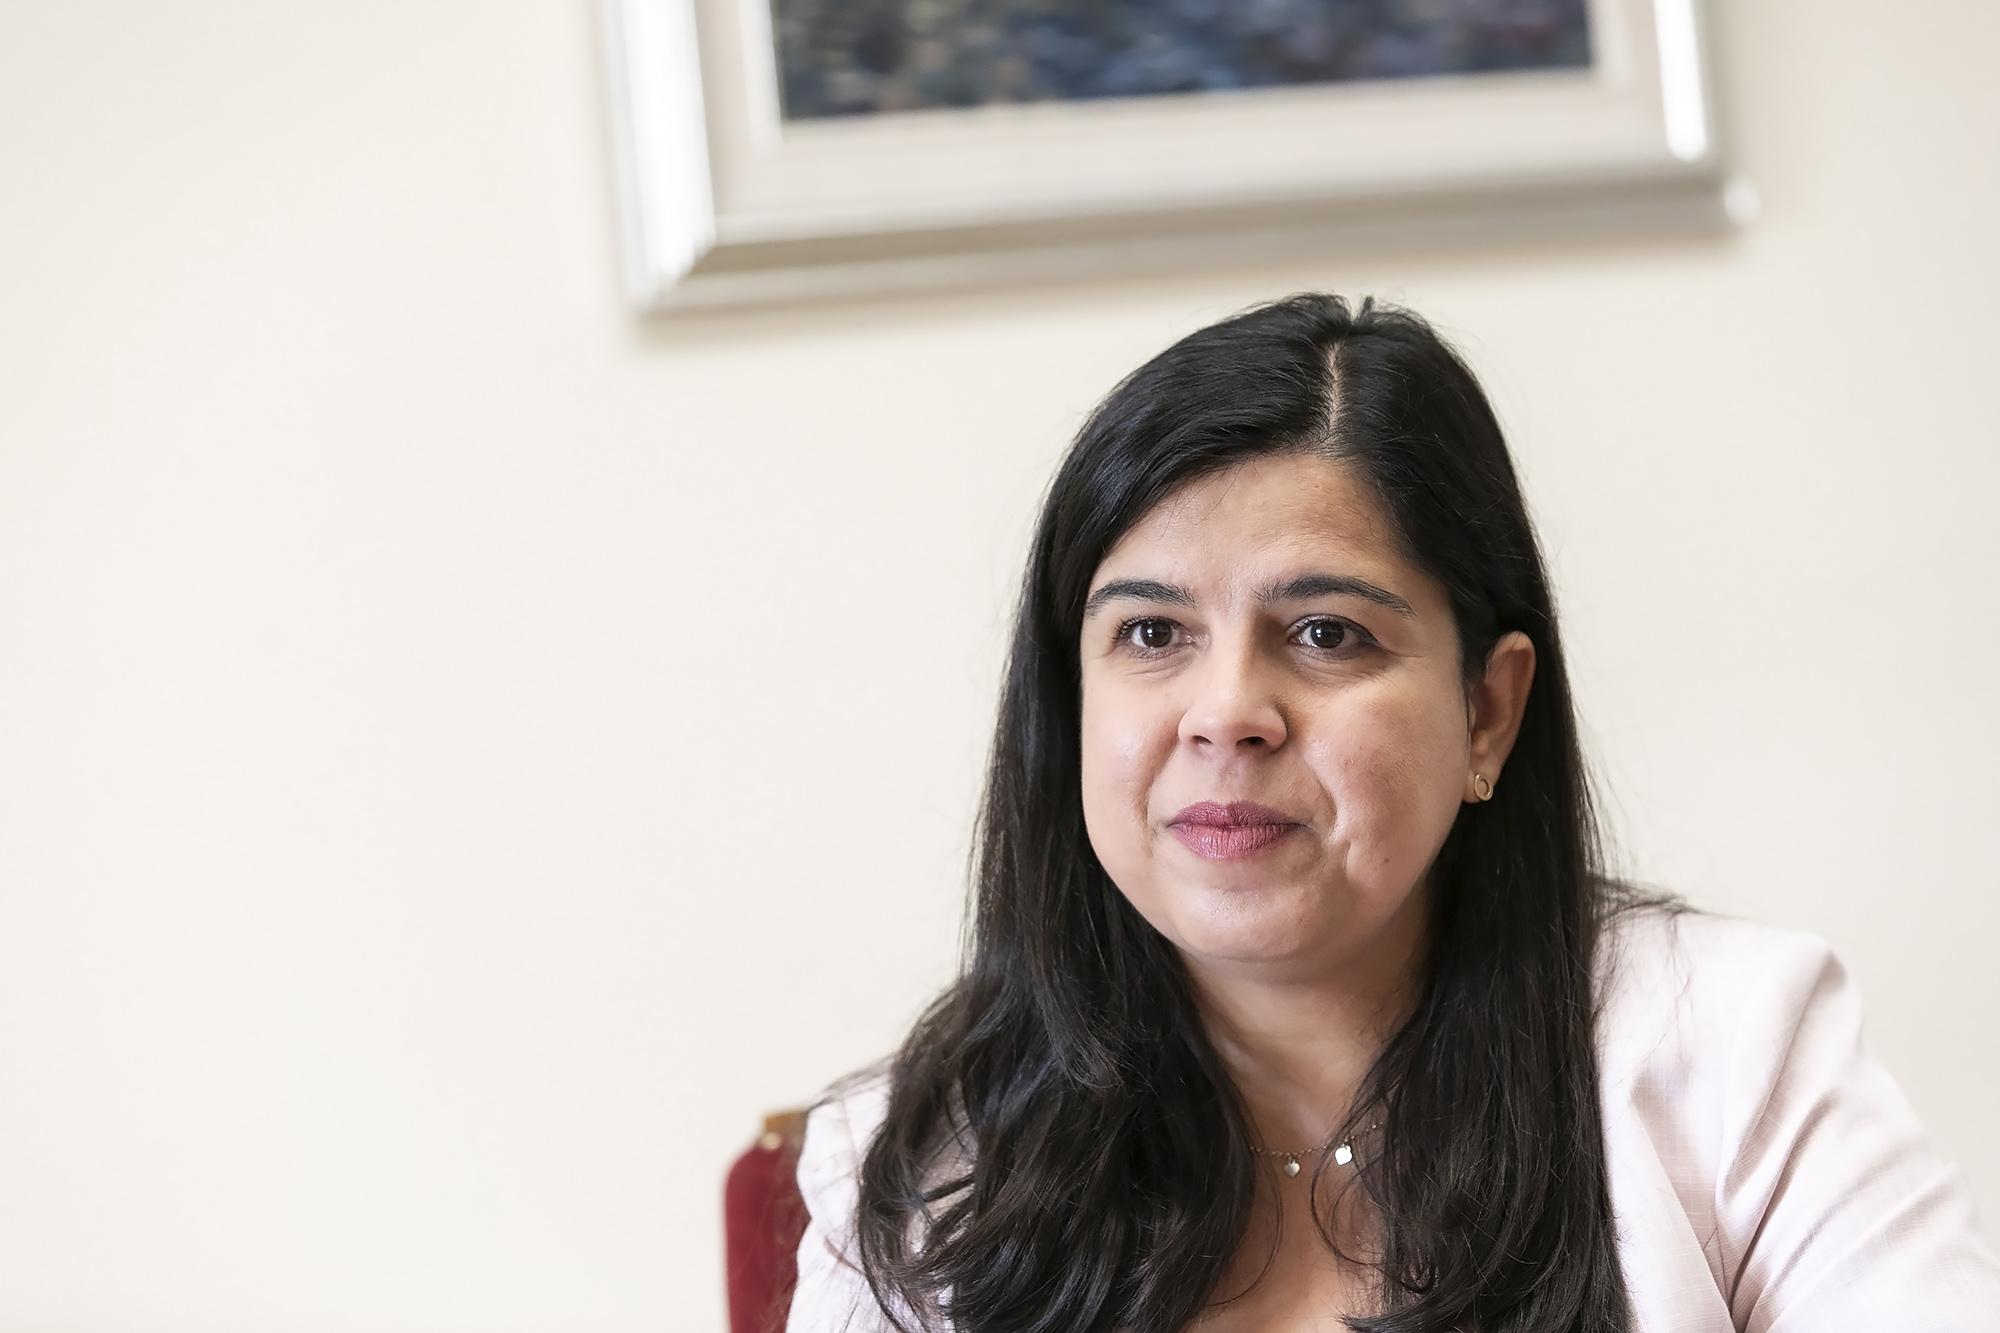 Inês Sousa Real, líder parlamentar do PAN, em entrevista ao ECO - 28SET20